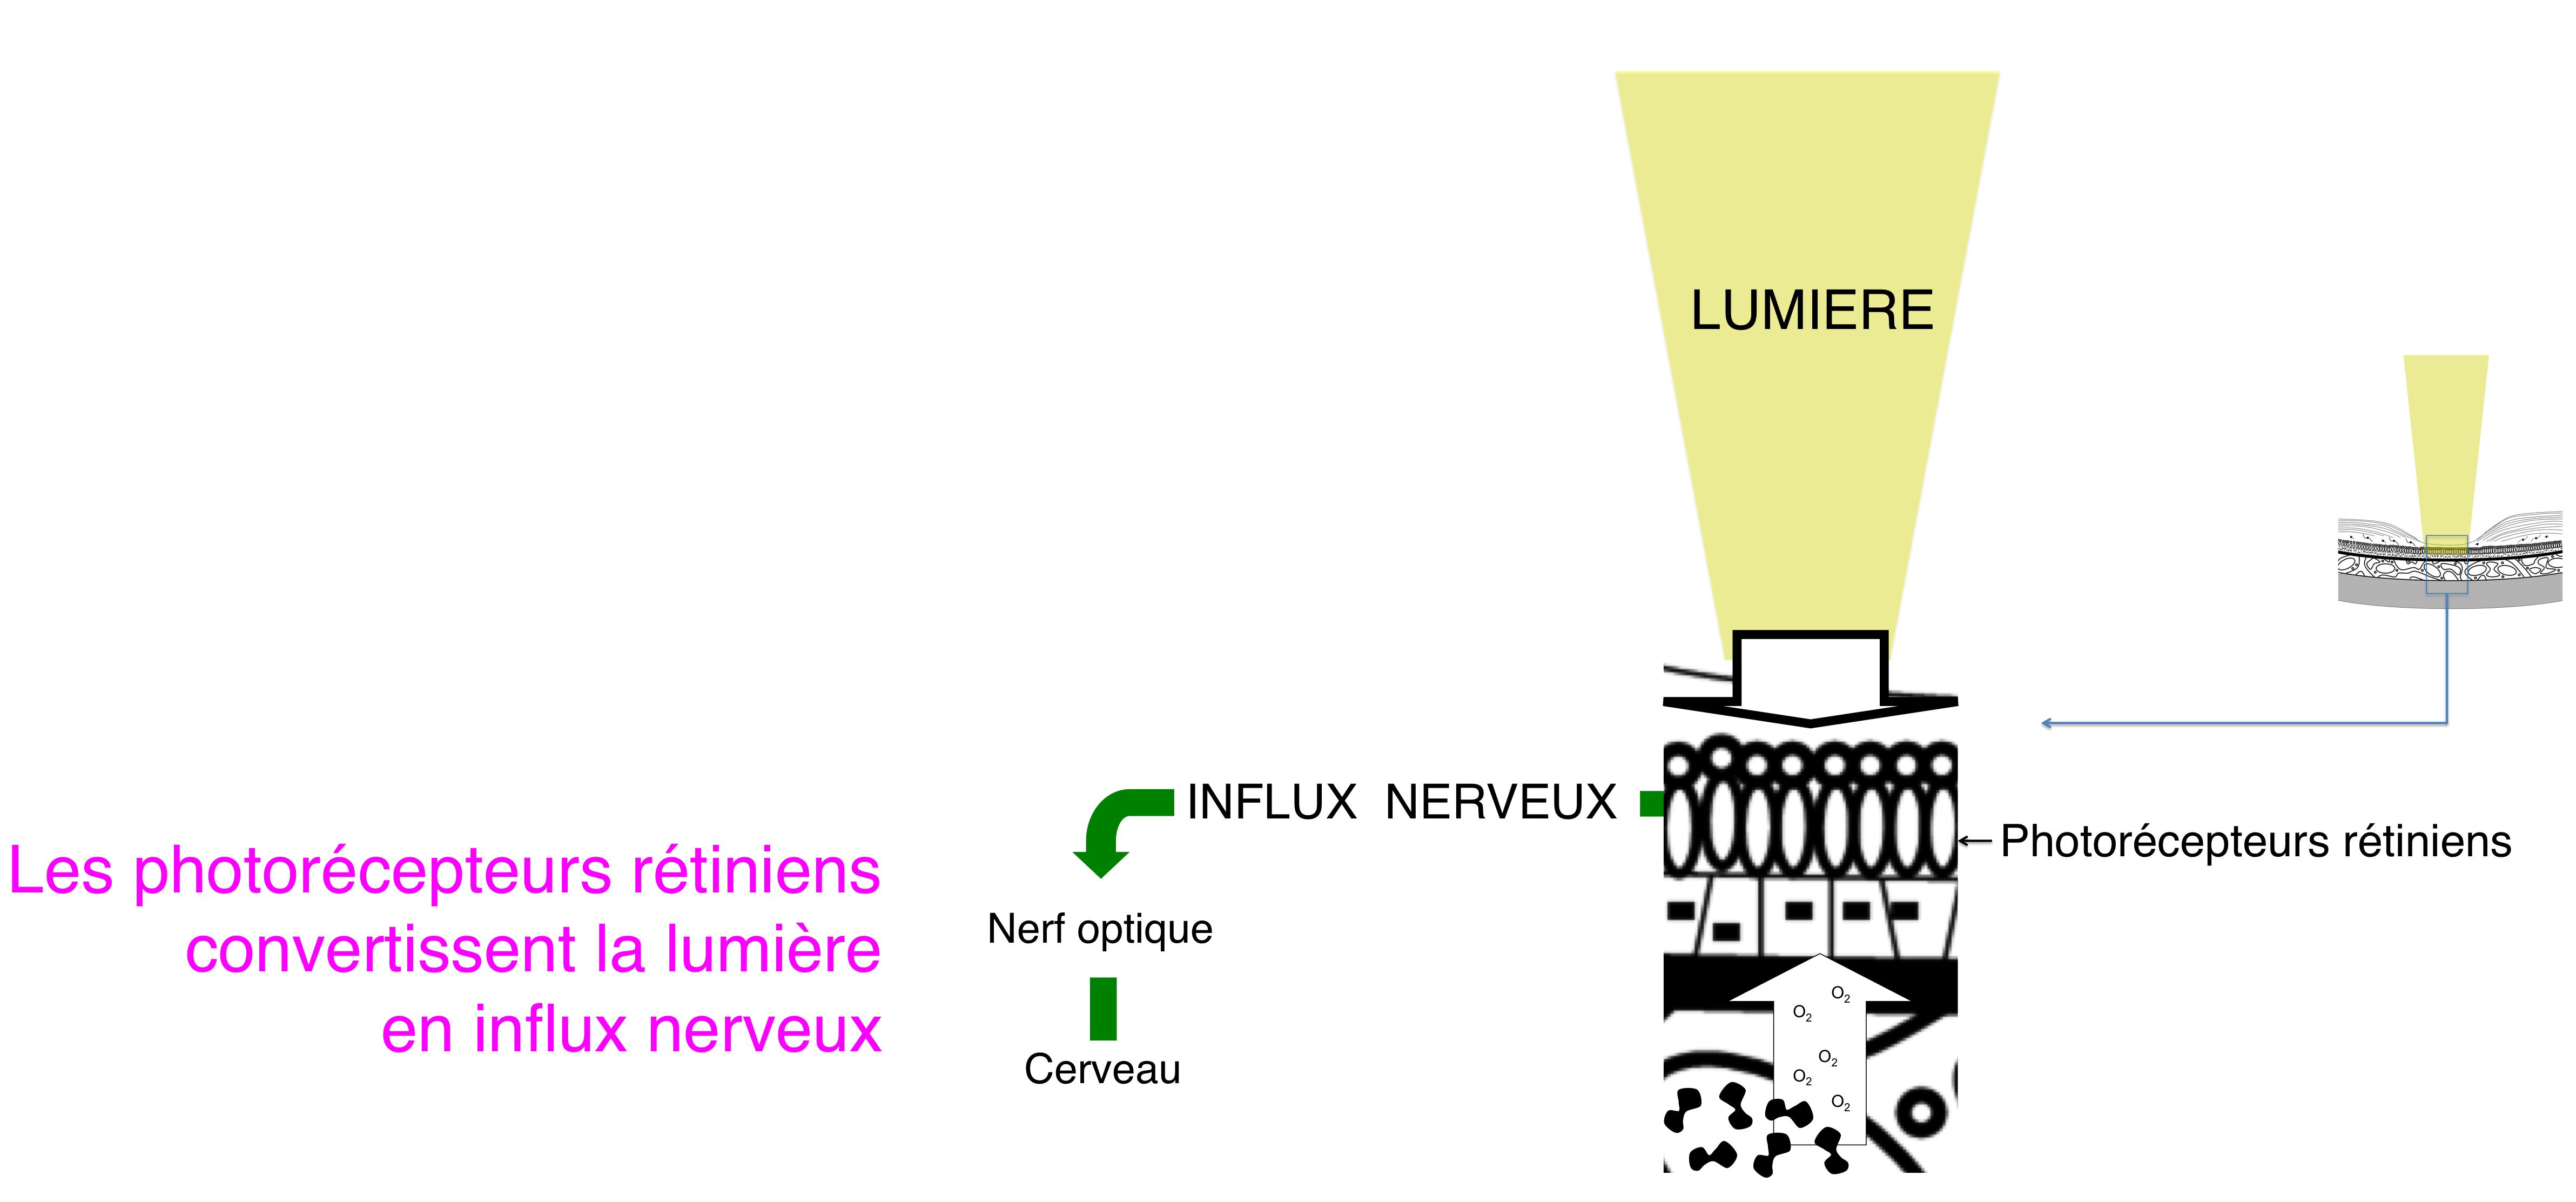 Conversion du signel lumineux en influx nerveux for Influx nerveux